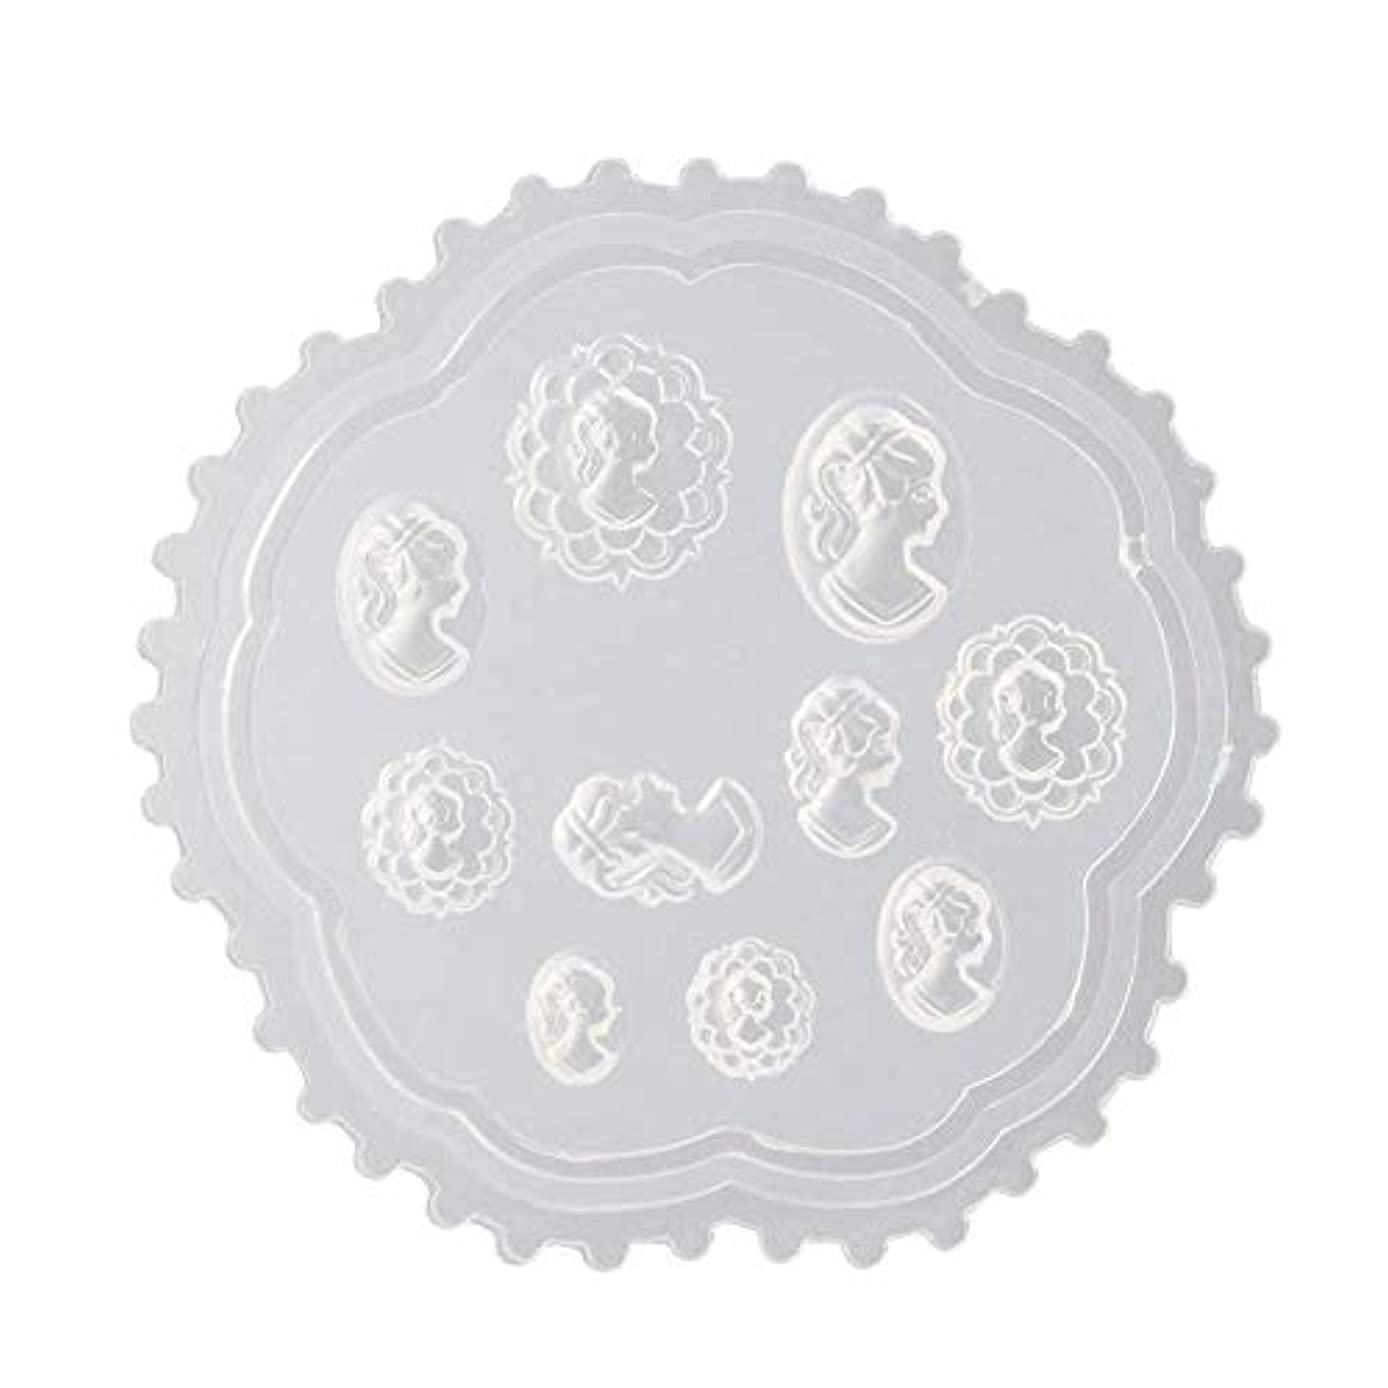 シーケンスストライプマザーランドgundoop 3Dシリコンモールド ネイル 葉 花 抜き型 3Dネイル用 レジンモールド UVレジン ネイルパーツ ジェル ネイル セット アクセサリー パーツ 作成 (2)